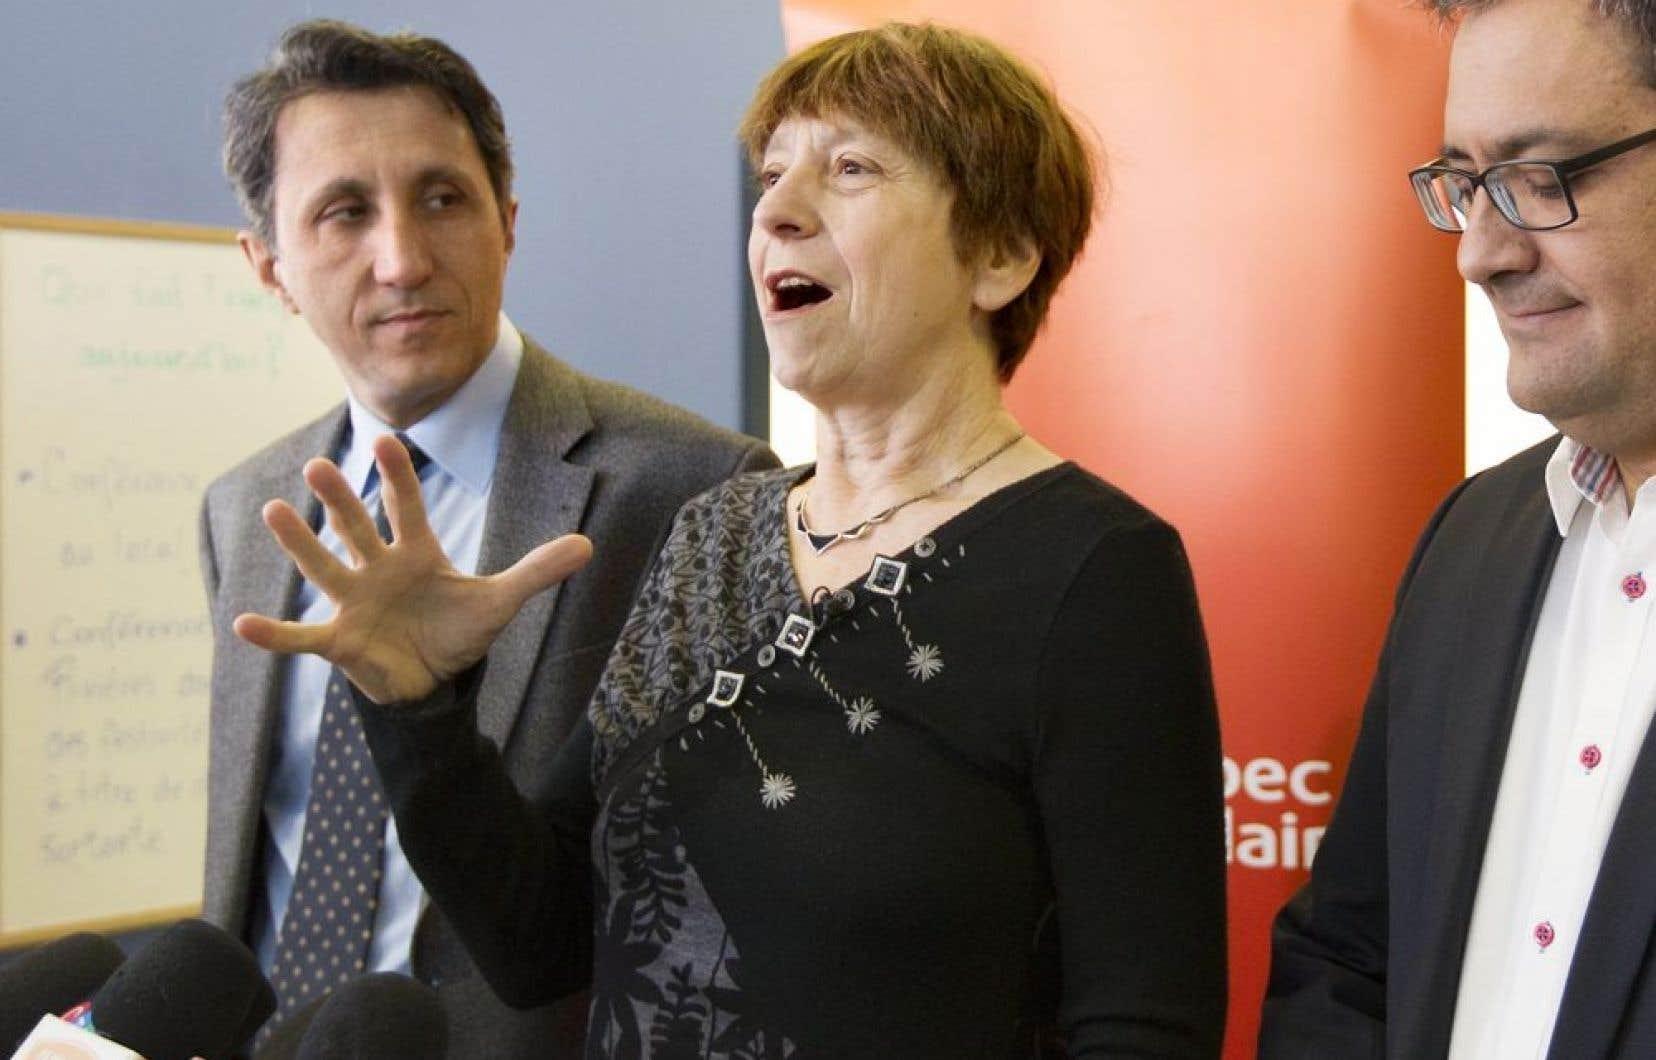 Françoise David va défendre au cours de la campagne électorale la création d'un pays qui serait, dit-elle, pour tout le monde, inclusif, francophone et basé sur des valeurs communes.